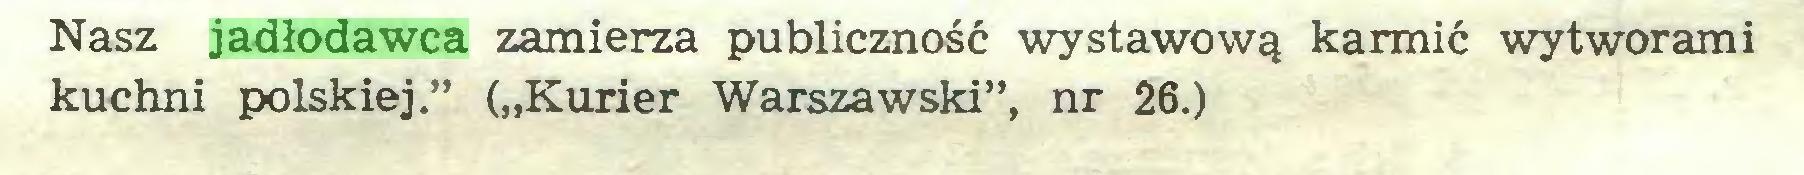 """(...) Nasz jadłodawca zamierza publiczność wystawową karmić wytworami kuchni polskiej."""" (""""Kurier Warszawski"""", nr 26.)..."""